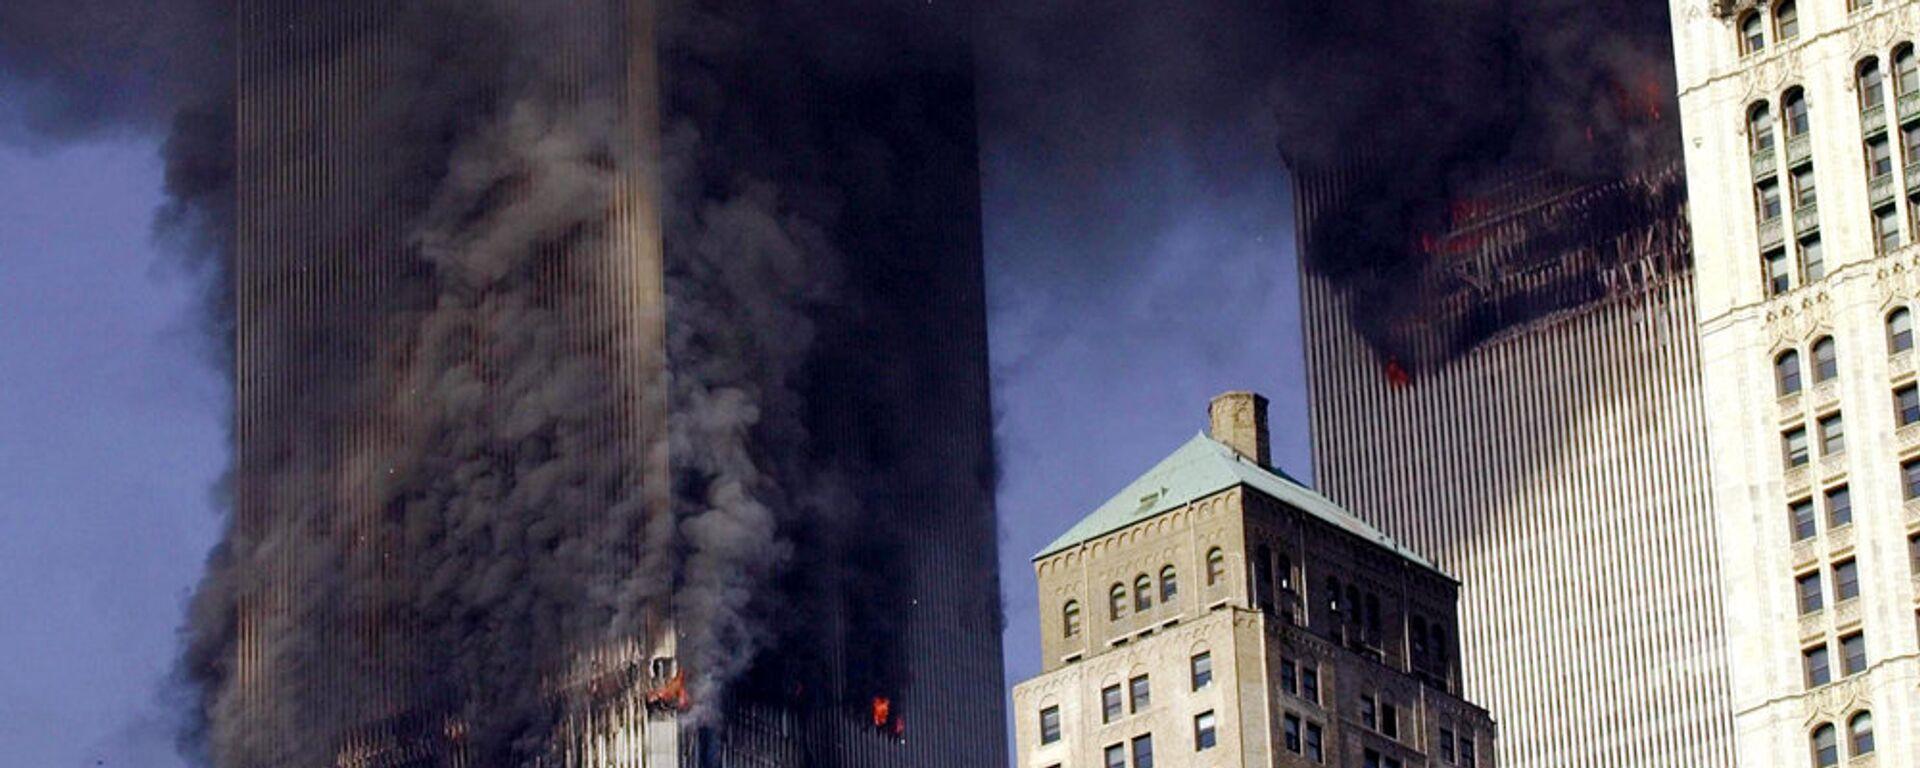 Терракт 11 сентября 2001 в США - Sputnik Узбекистан, 1920, 08.09.2016